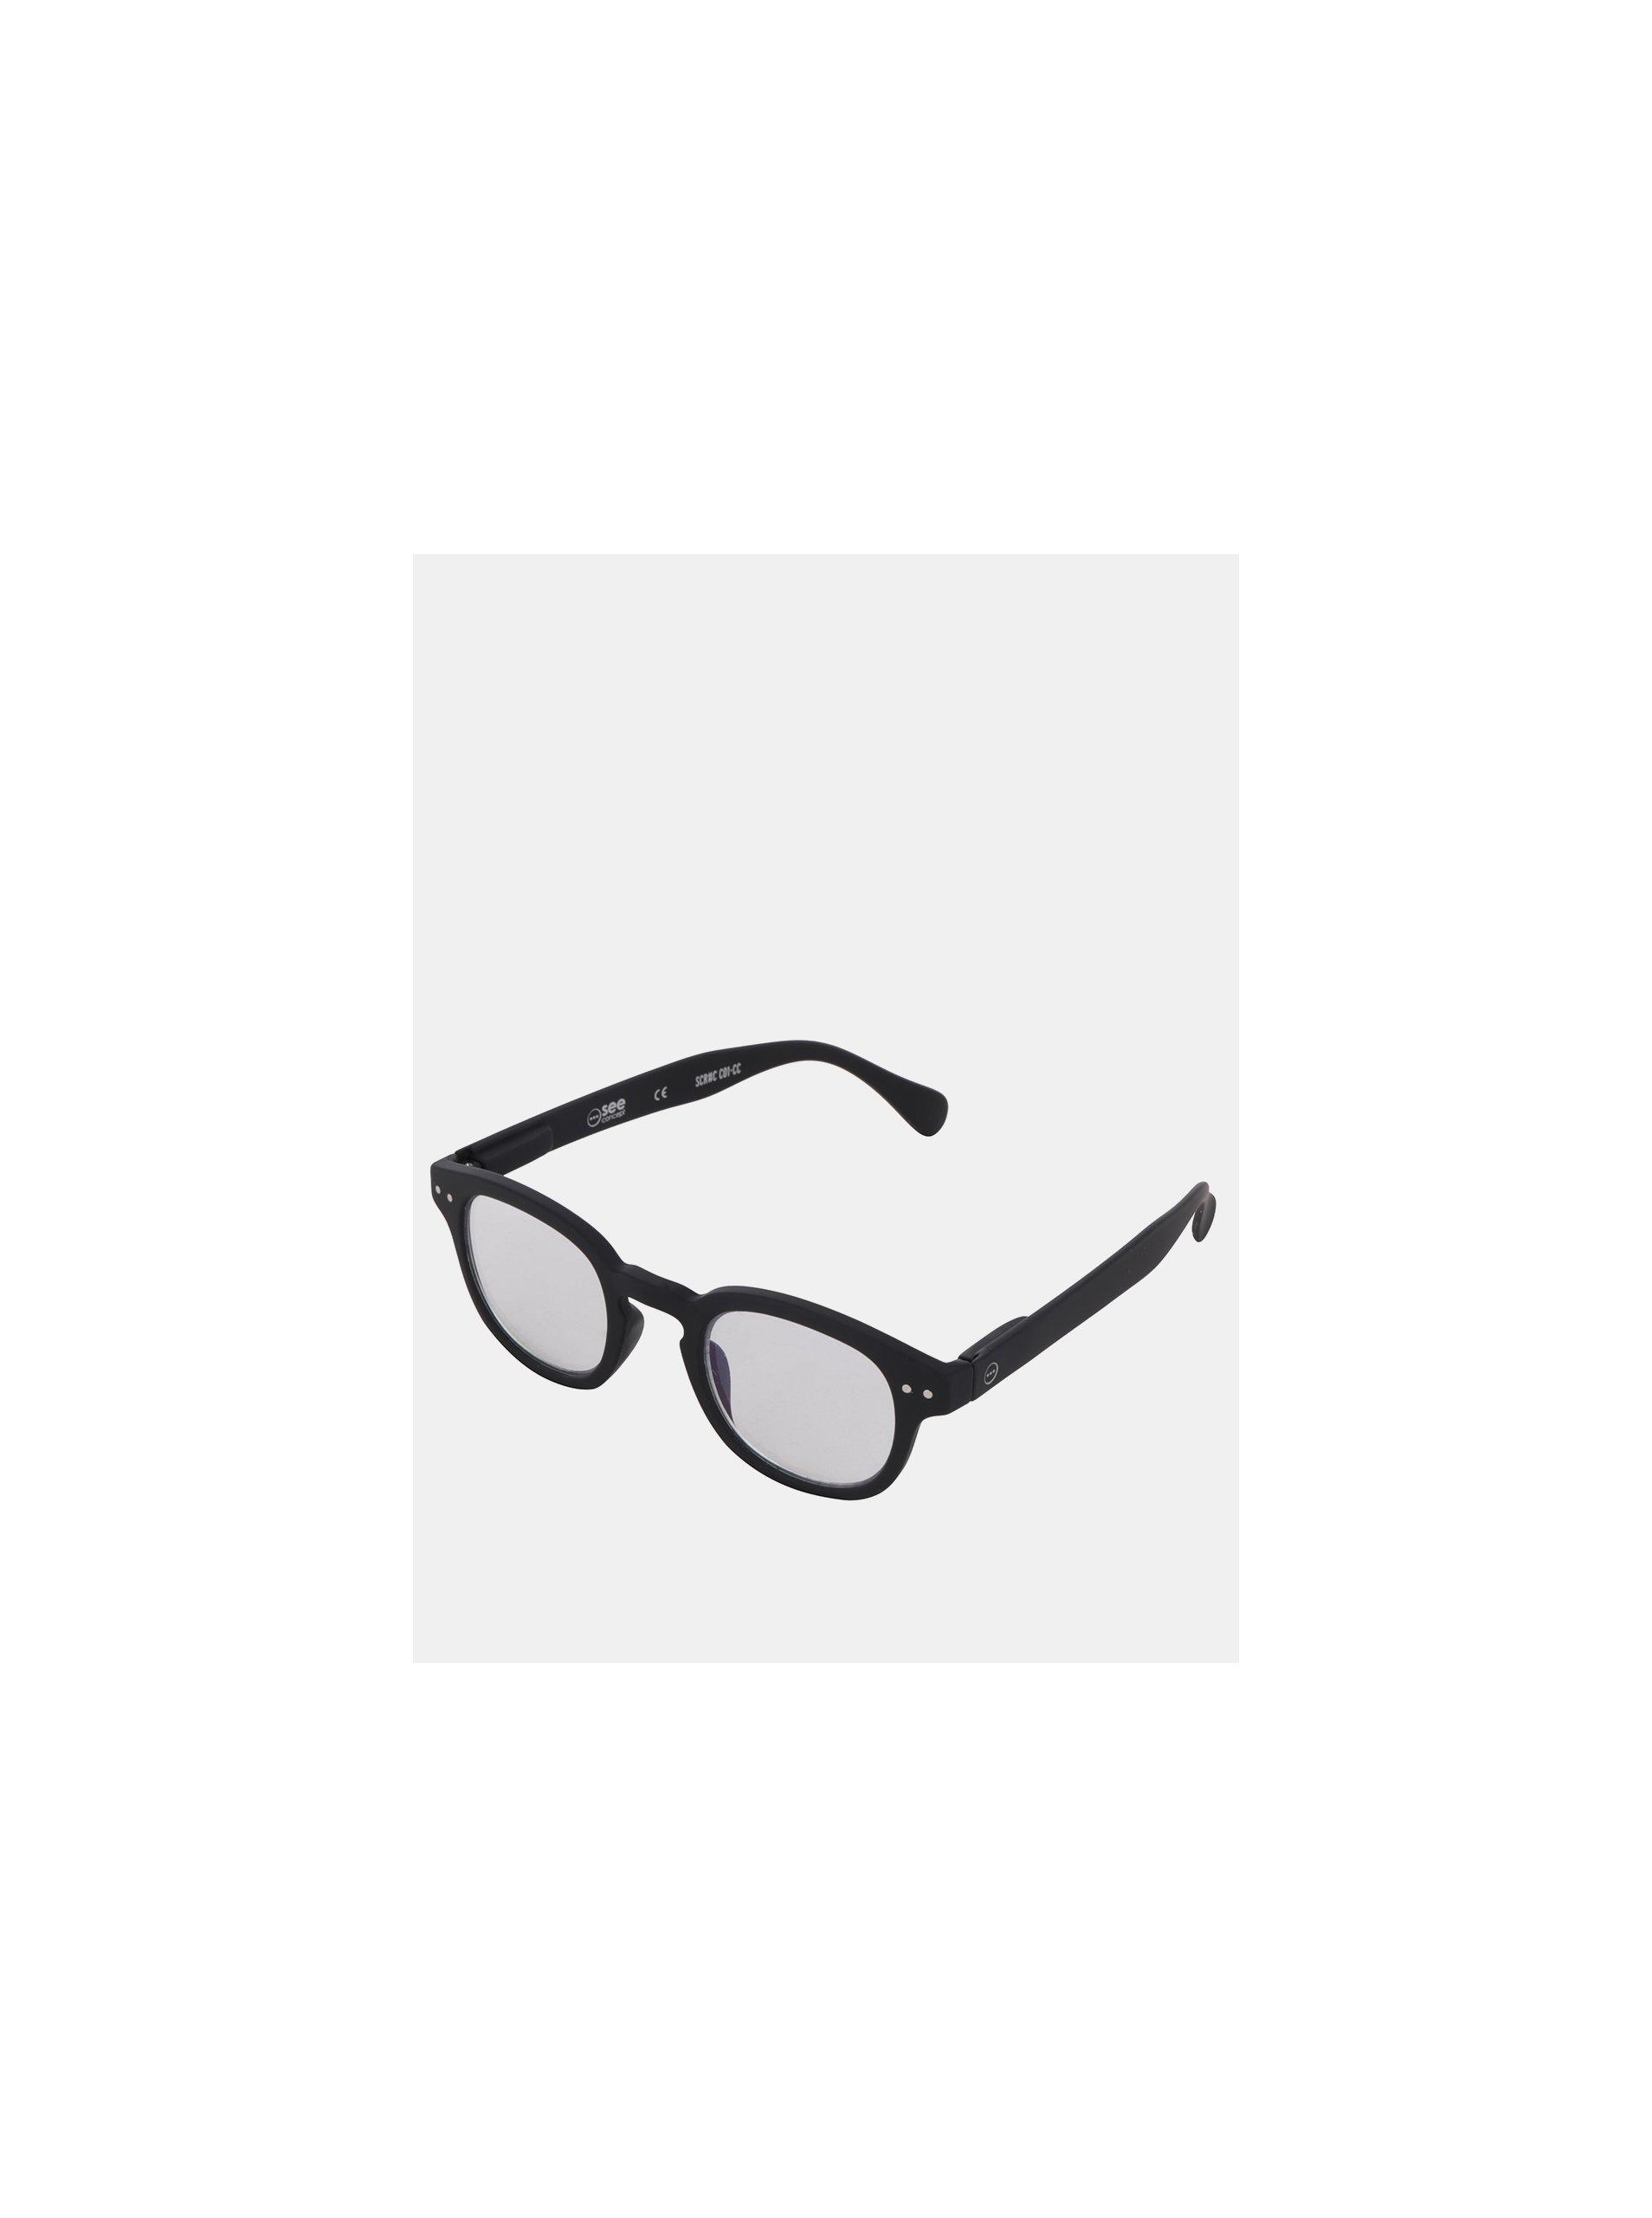 42a1aad0d Černé ochranné brýle k PC IZIPIZI #C